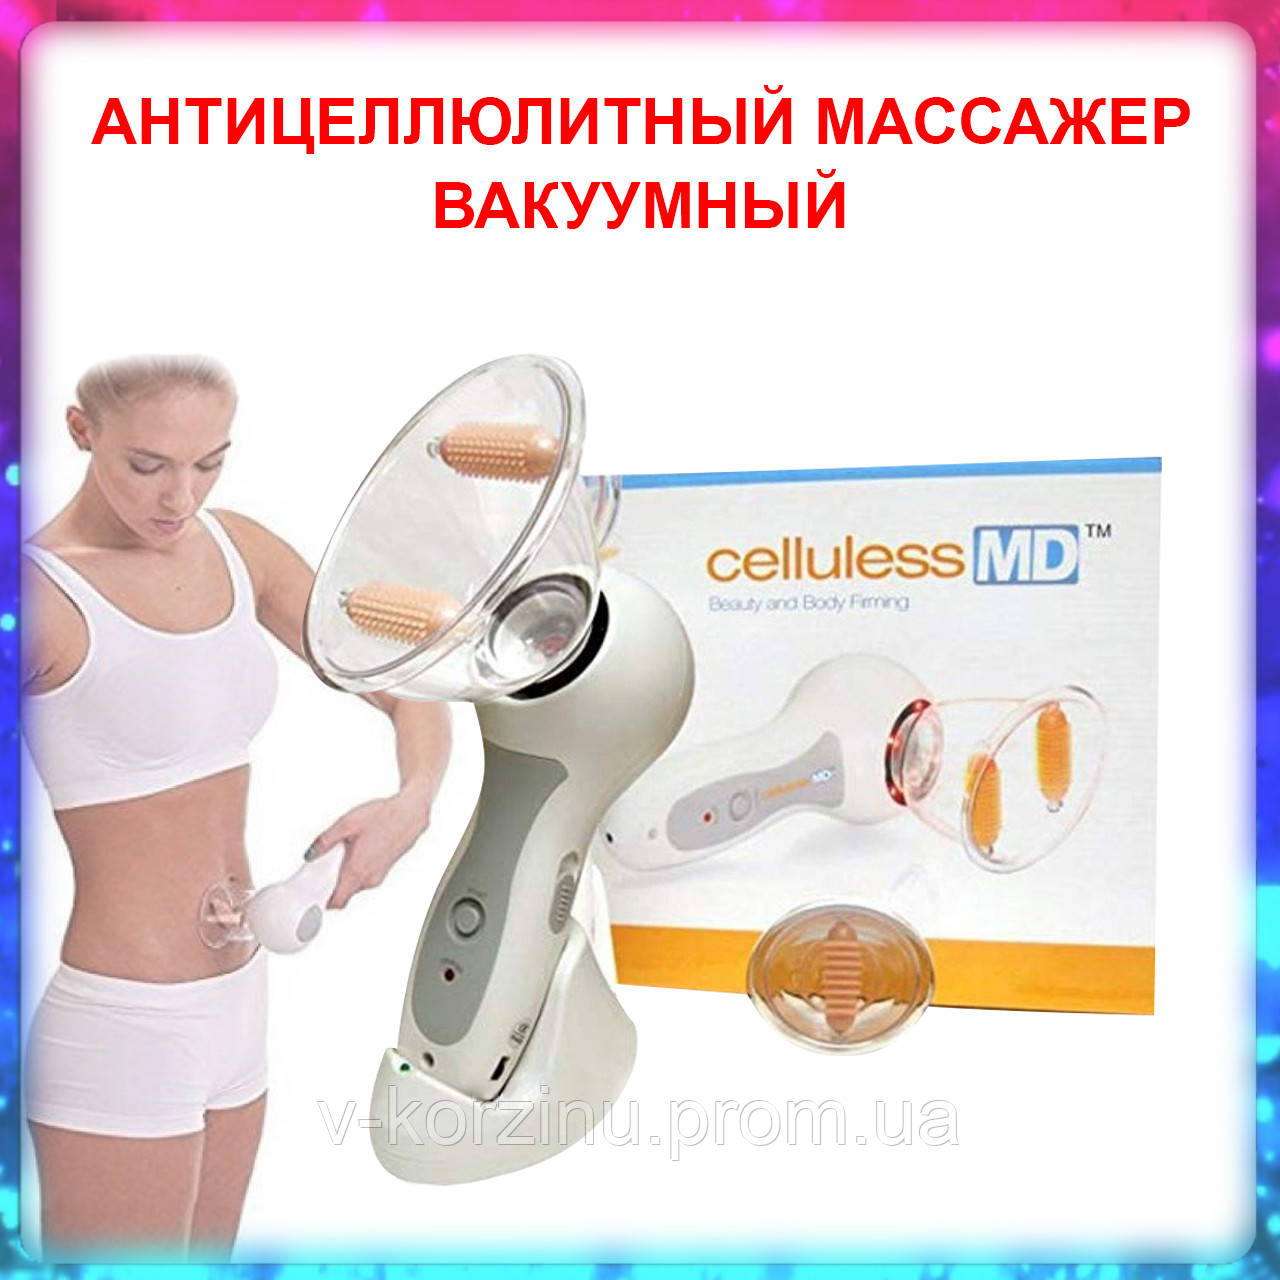 Массажер лента антицеллюлитный спортивная бутылка для воды детская купить